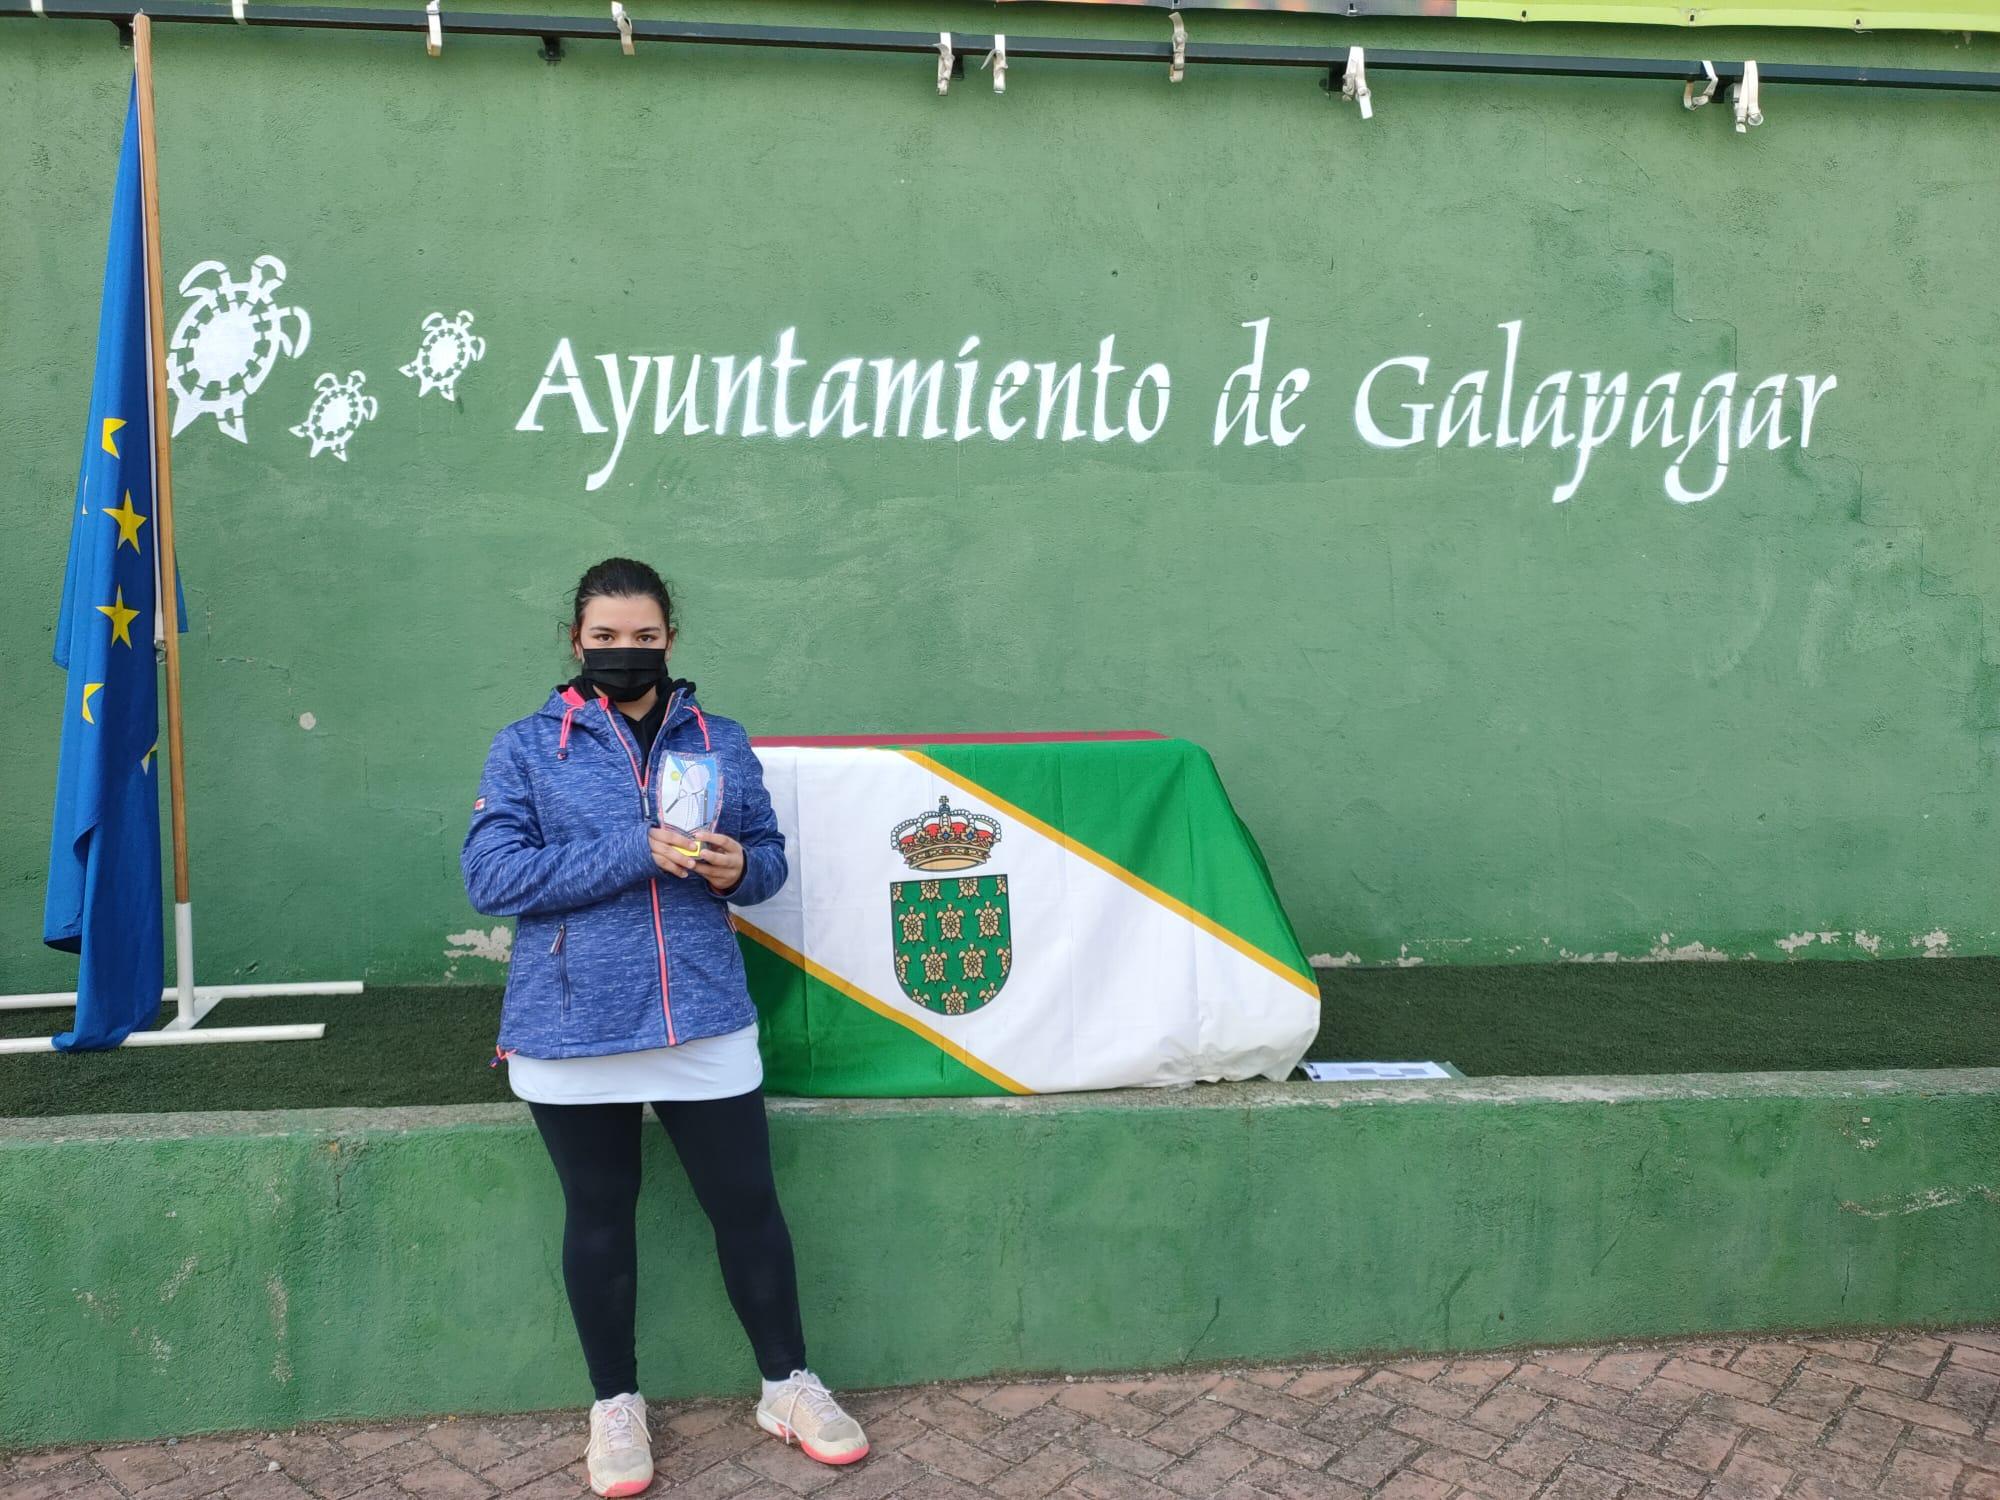 Campeona del Torneo Elite Tenis Galapagar